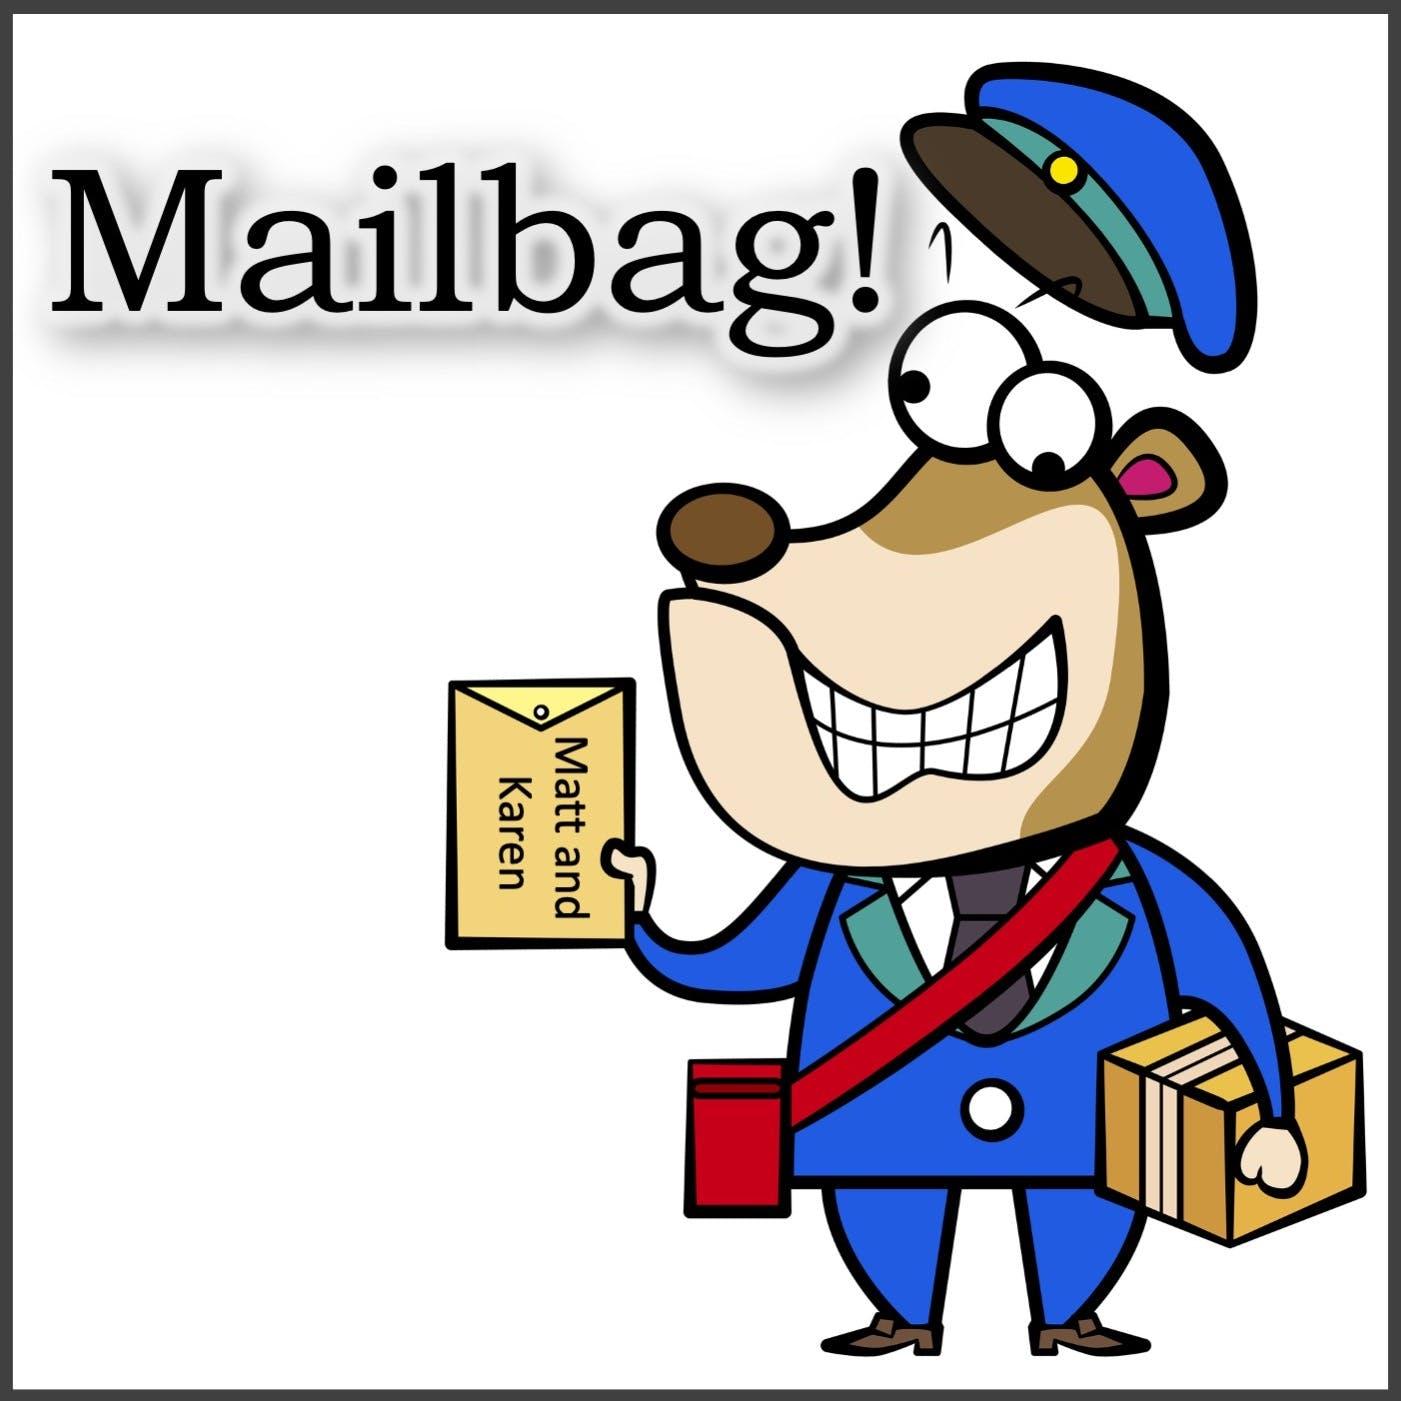 44 Mailbag!